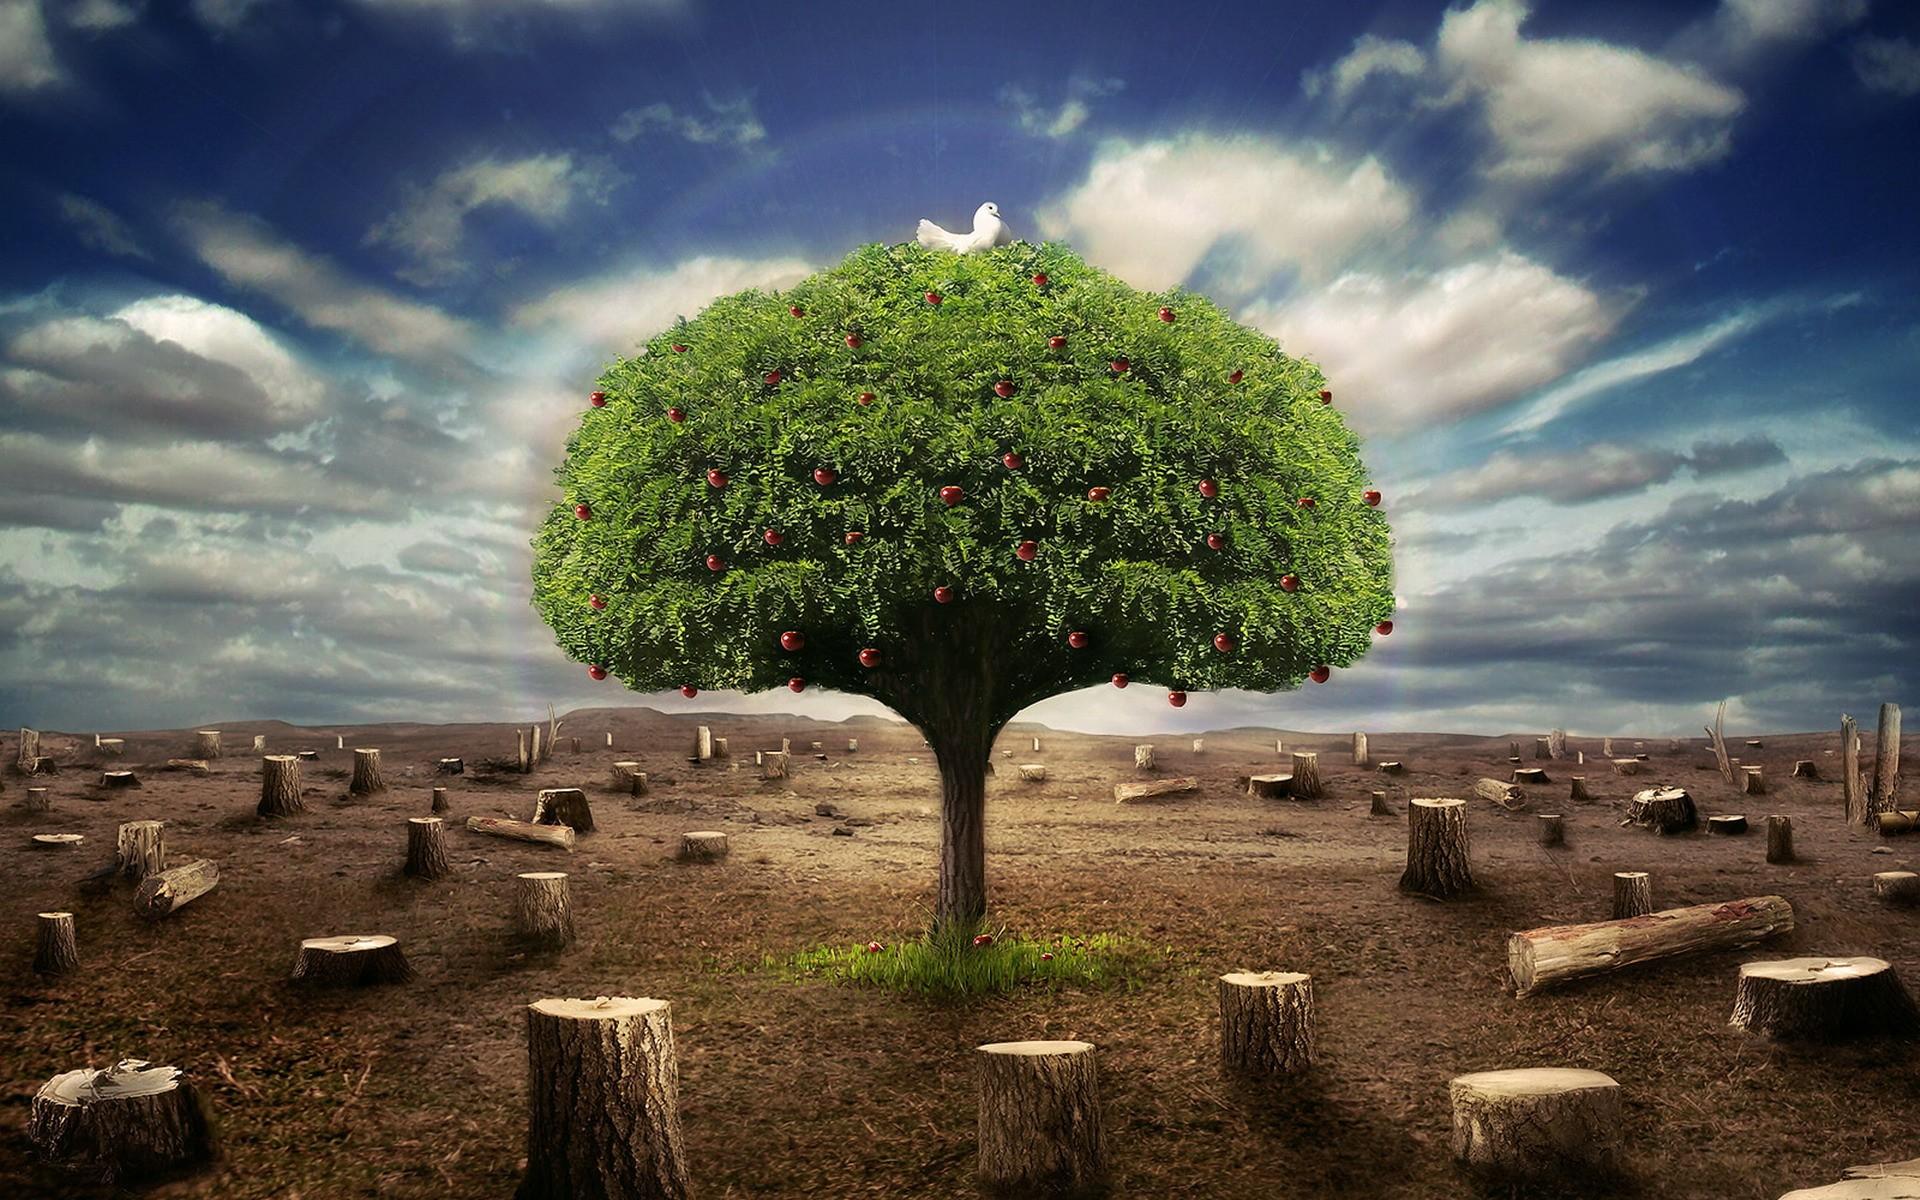 лежащее дерево картинки красавицы того времени